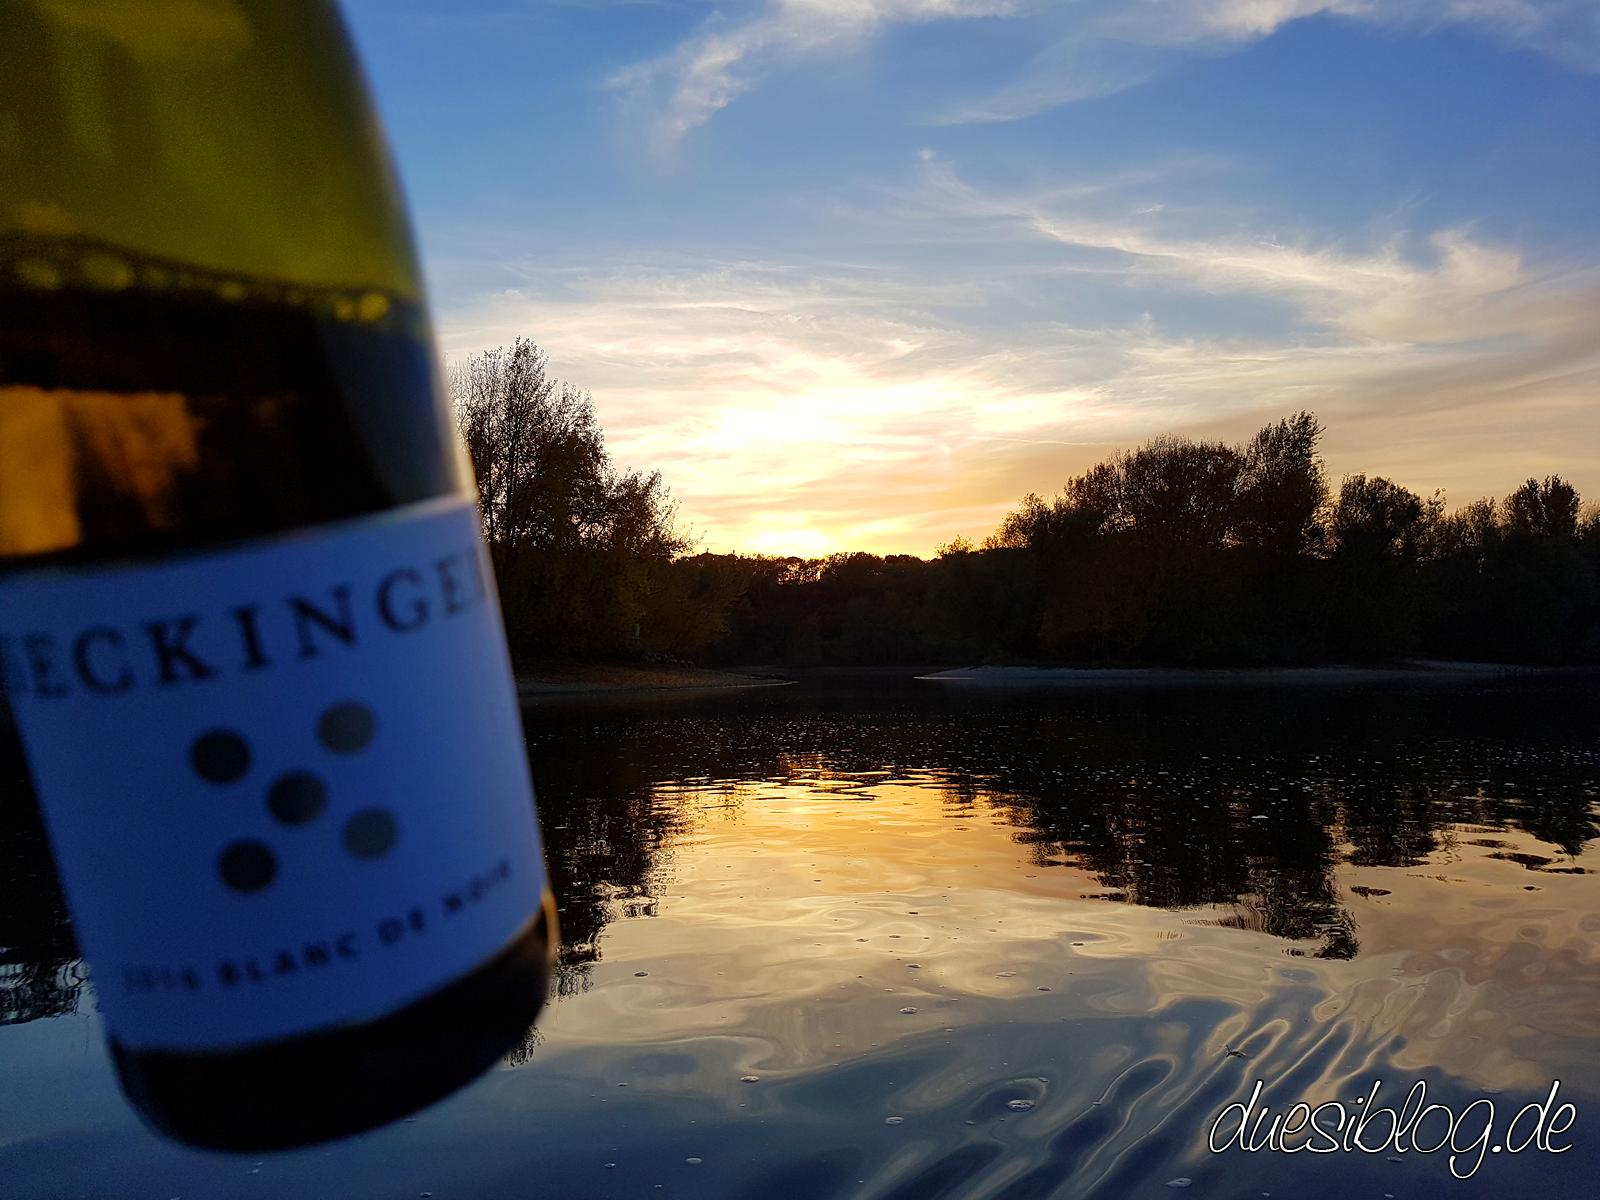 Generation Pfalz WtasO (Wein trinken an schönen Orten) mit Weingut Seckinger auf Hoher See